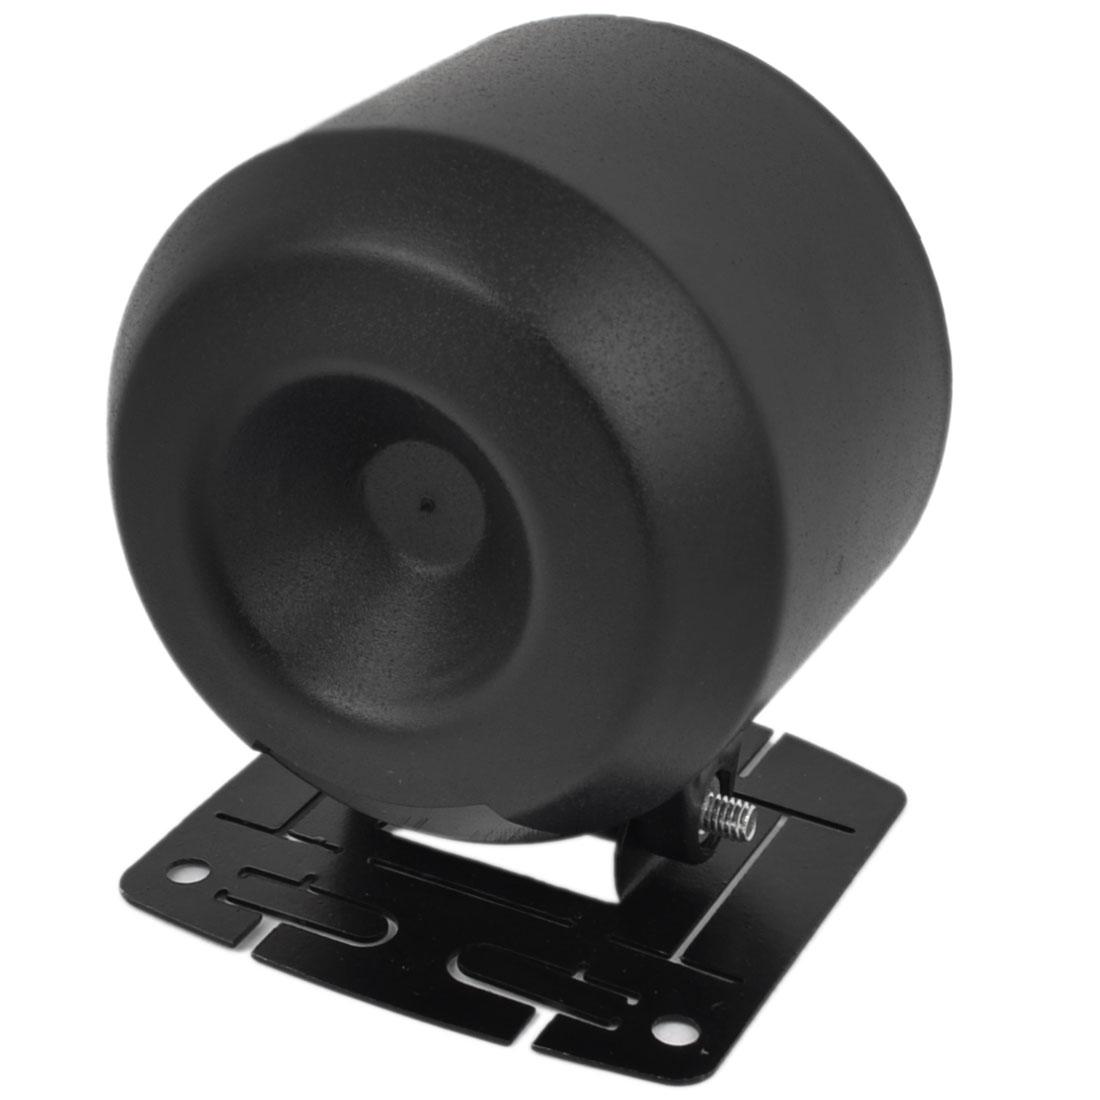 60mm Inner Diameter Single Hole Gauge Dash Pod Holder Trim Cover for Car